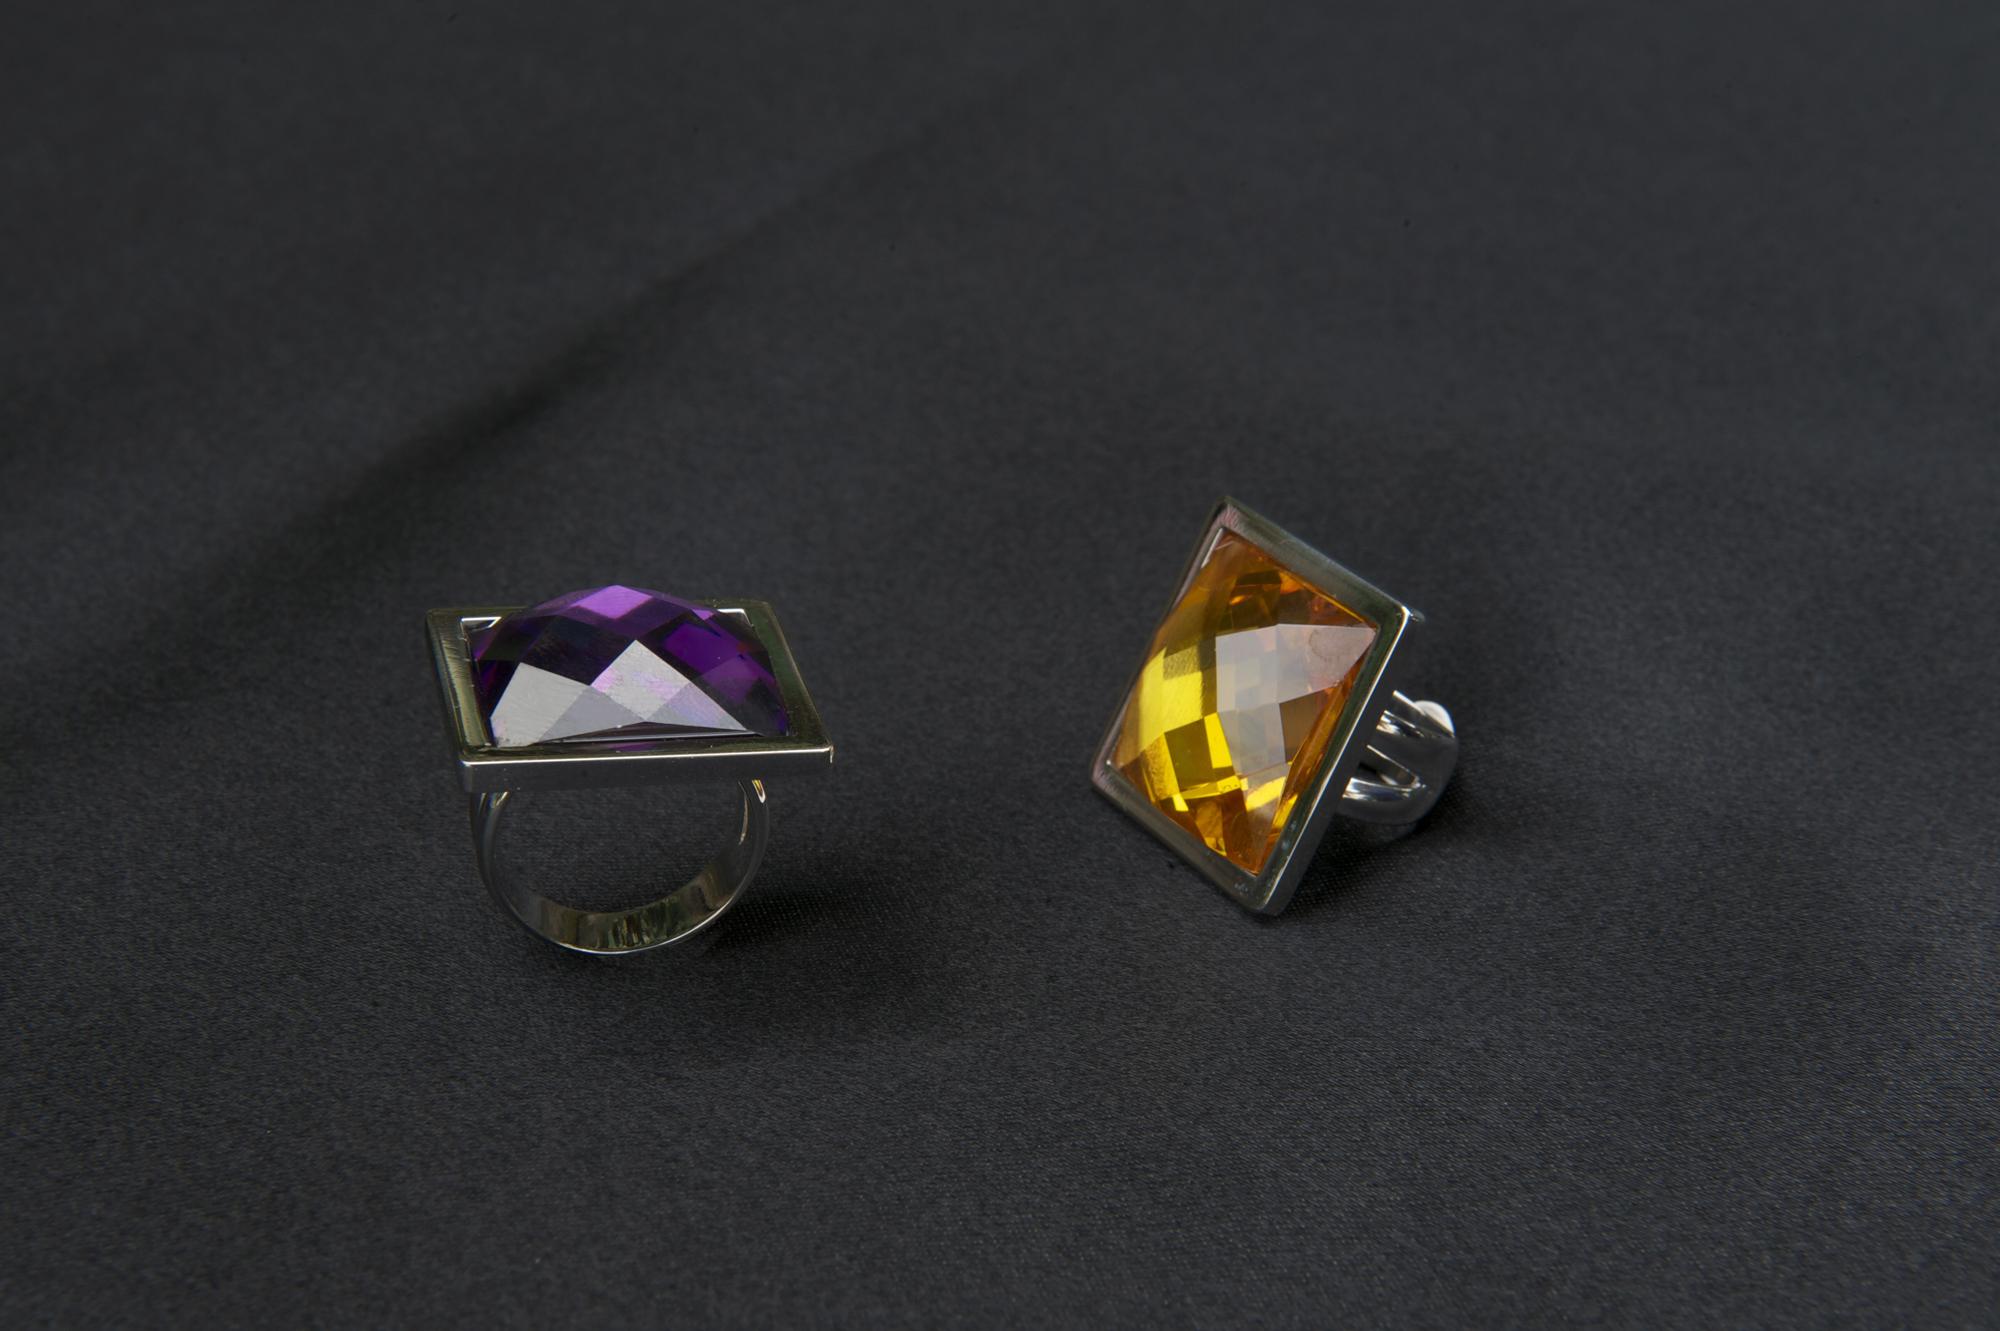 Anillos cuadrados de plata y circonias de color